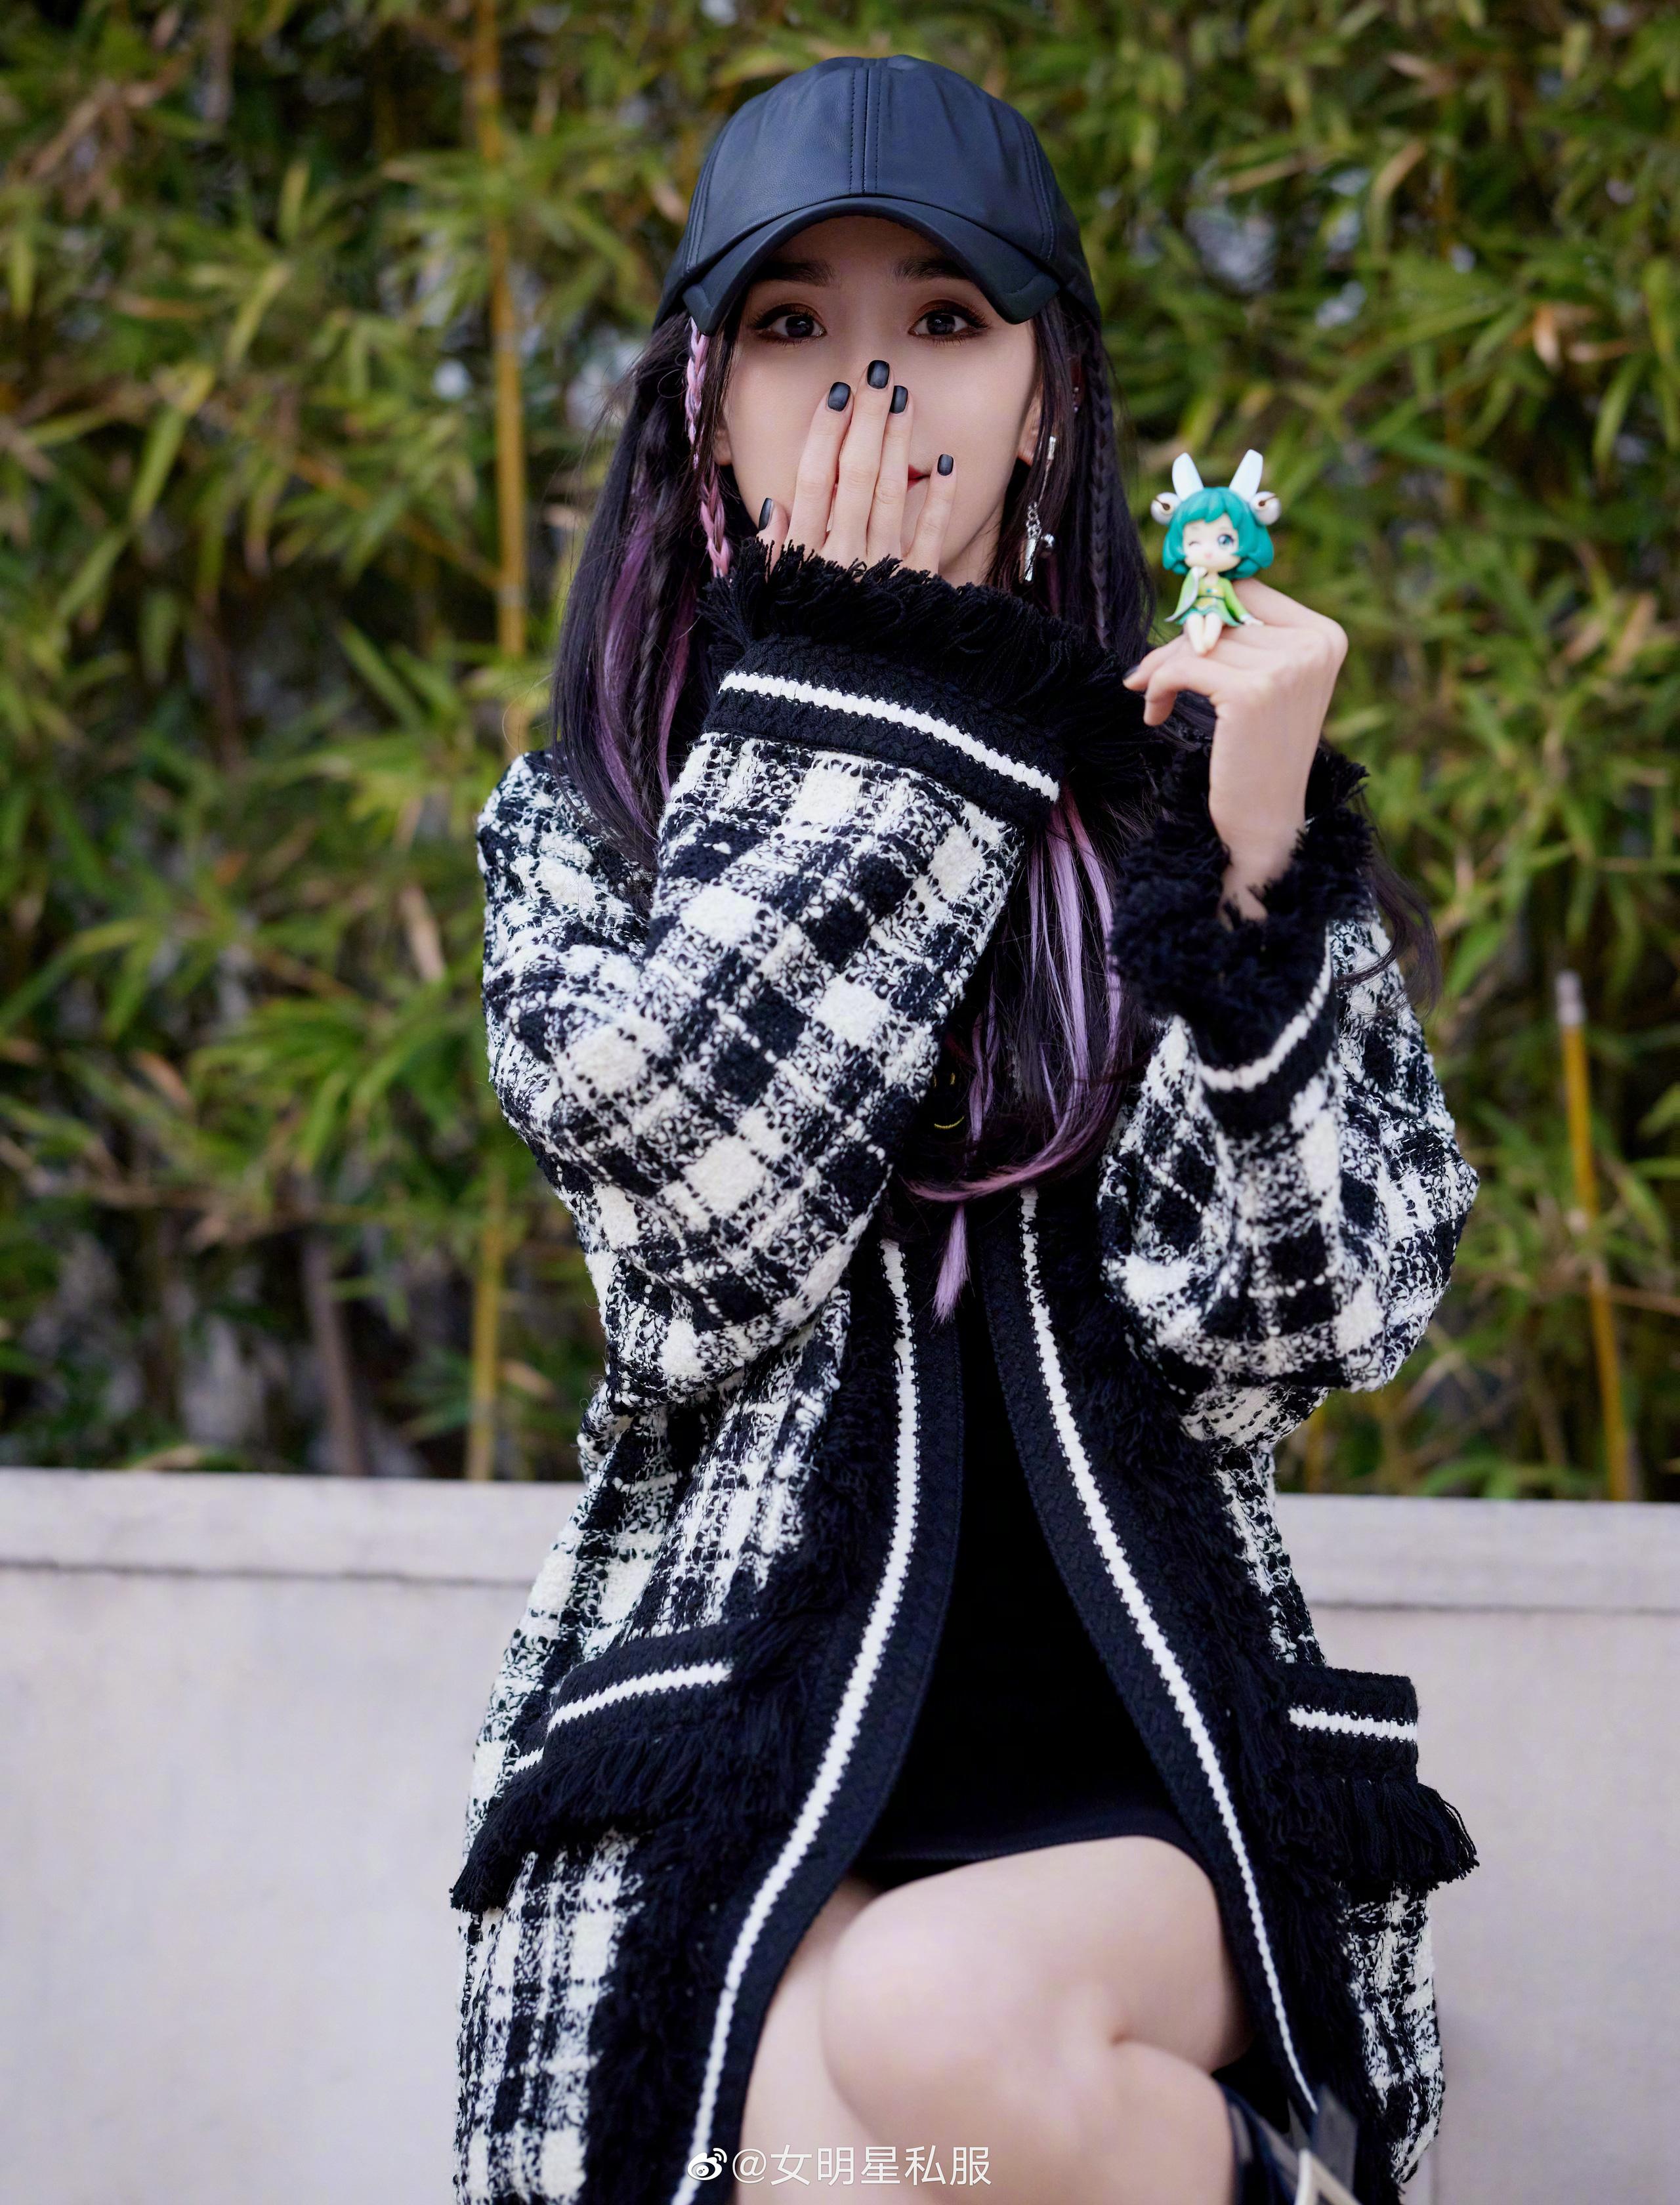 """Nhờ cao tay chỉnh váy mà Dương Mịch khoe được đôi chân """"cực phẩm"""", còn hack tuổi trẻ trung đến gái 20 cũng ghen tị - Ảnh 2."""